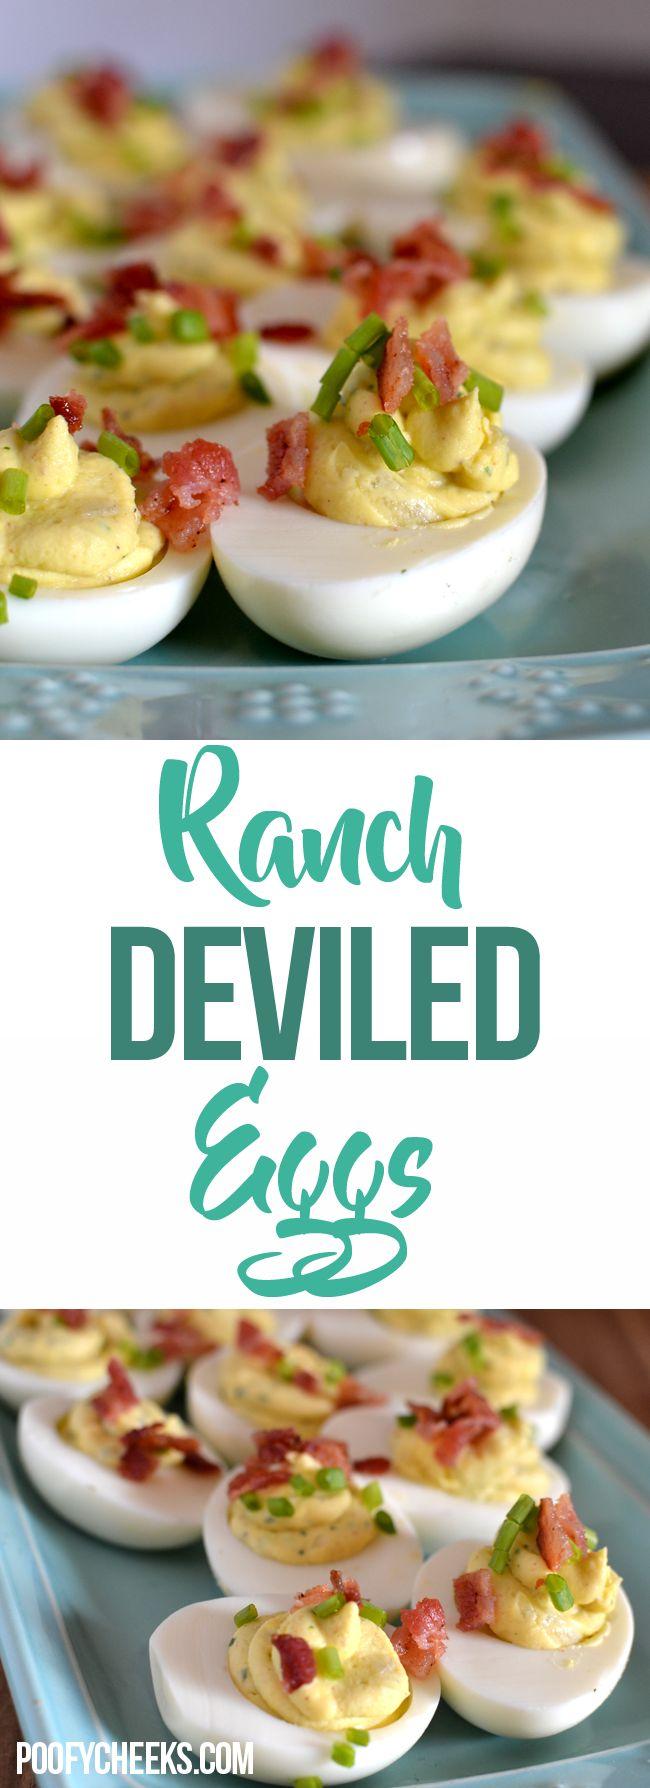 Best 25 Boiled eggs ideas on Pinterest  Bake boiled eggs